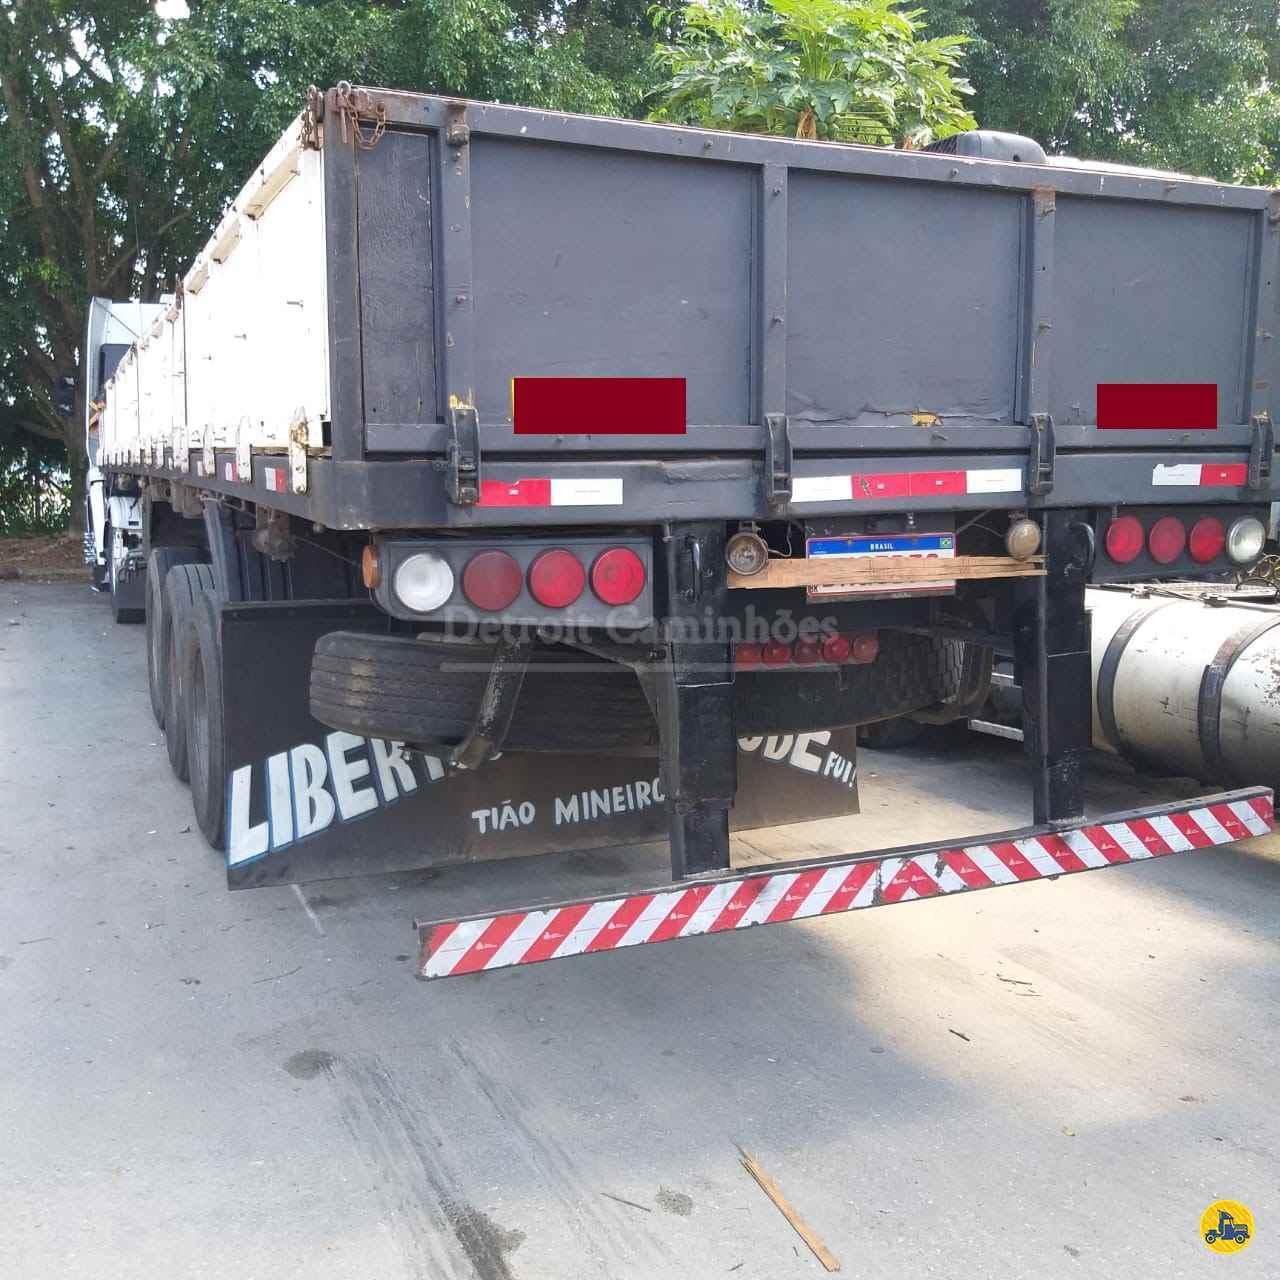 CARRETA SEMI-REBOQUE CARGA SECA Detroit Caminhões SAO JOSE DOS CAMPOS SÃO PAULO SP